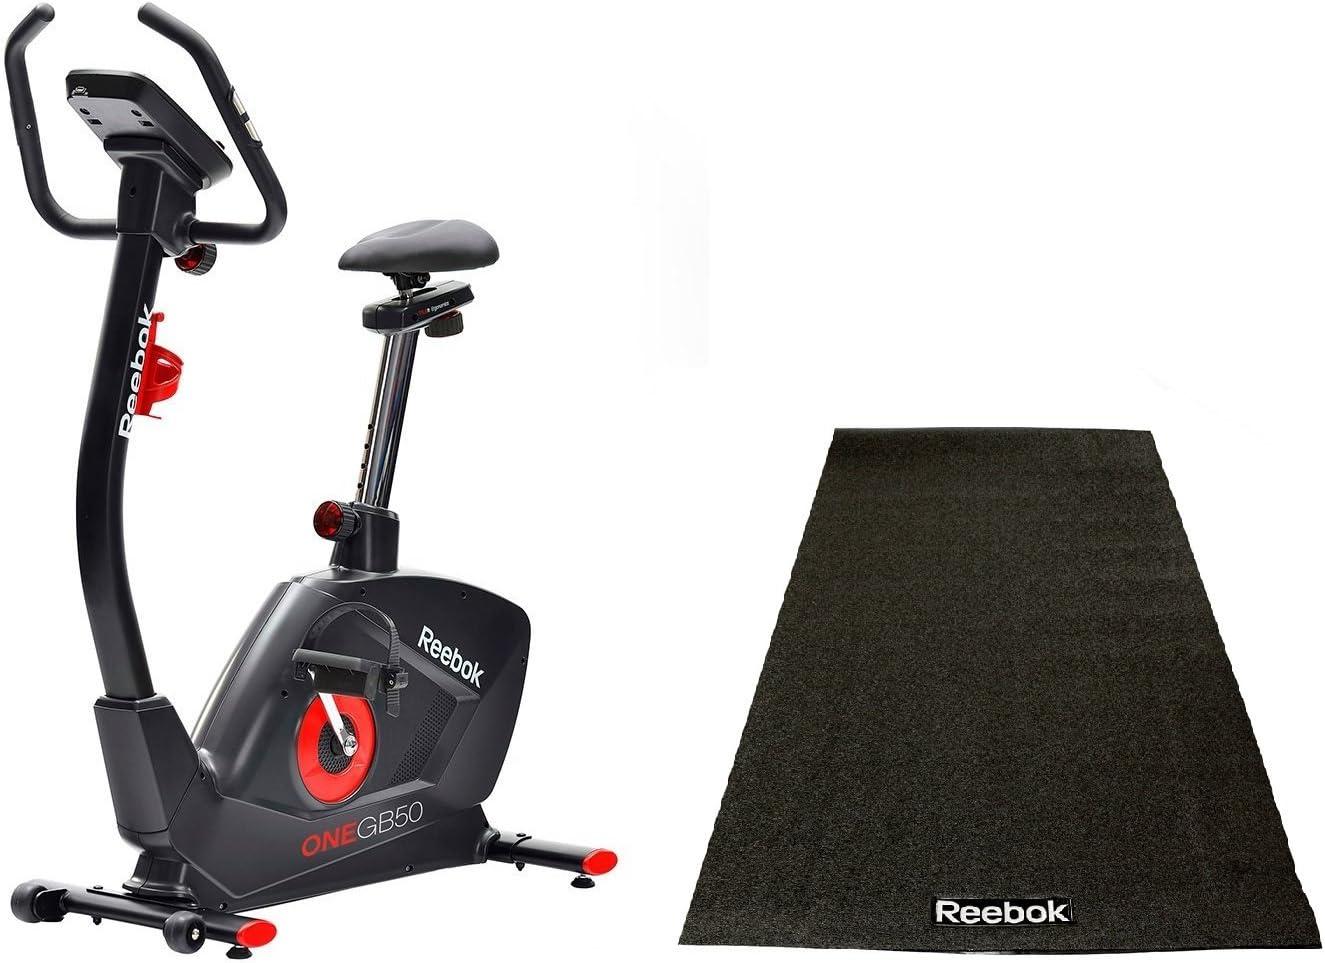 Reebok estática One Series gb50 Incluye Esterilla: Amazon.es: Deportes y aire libre